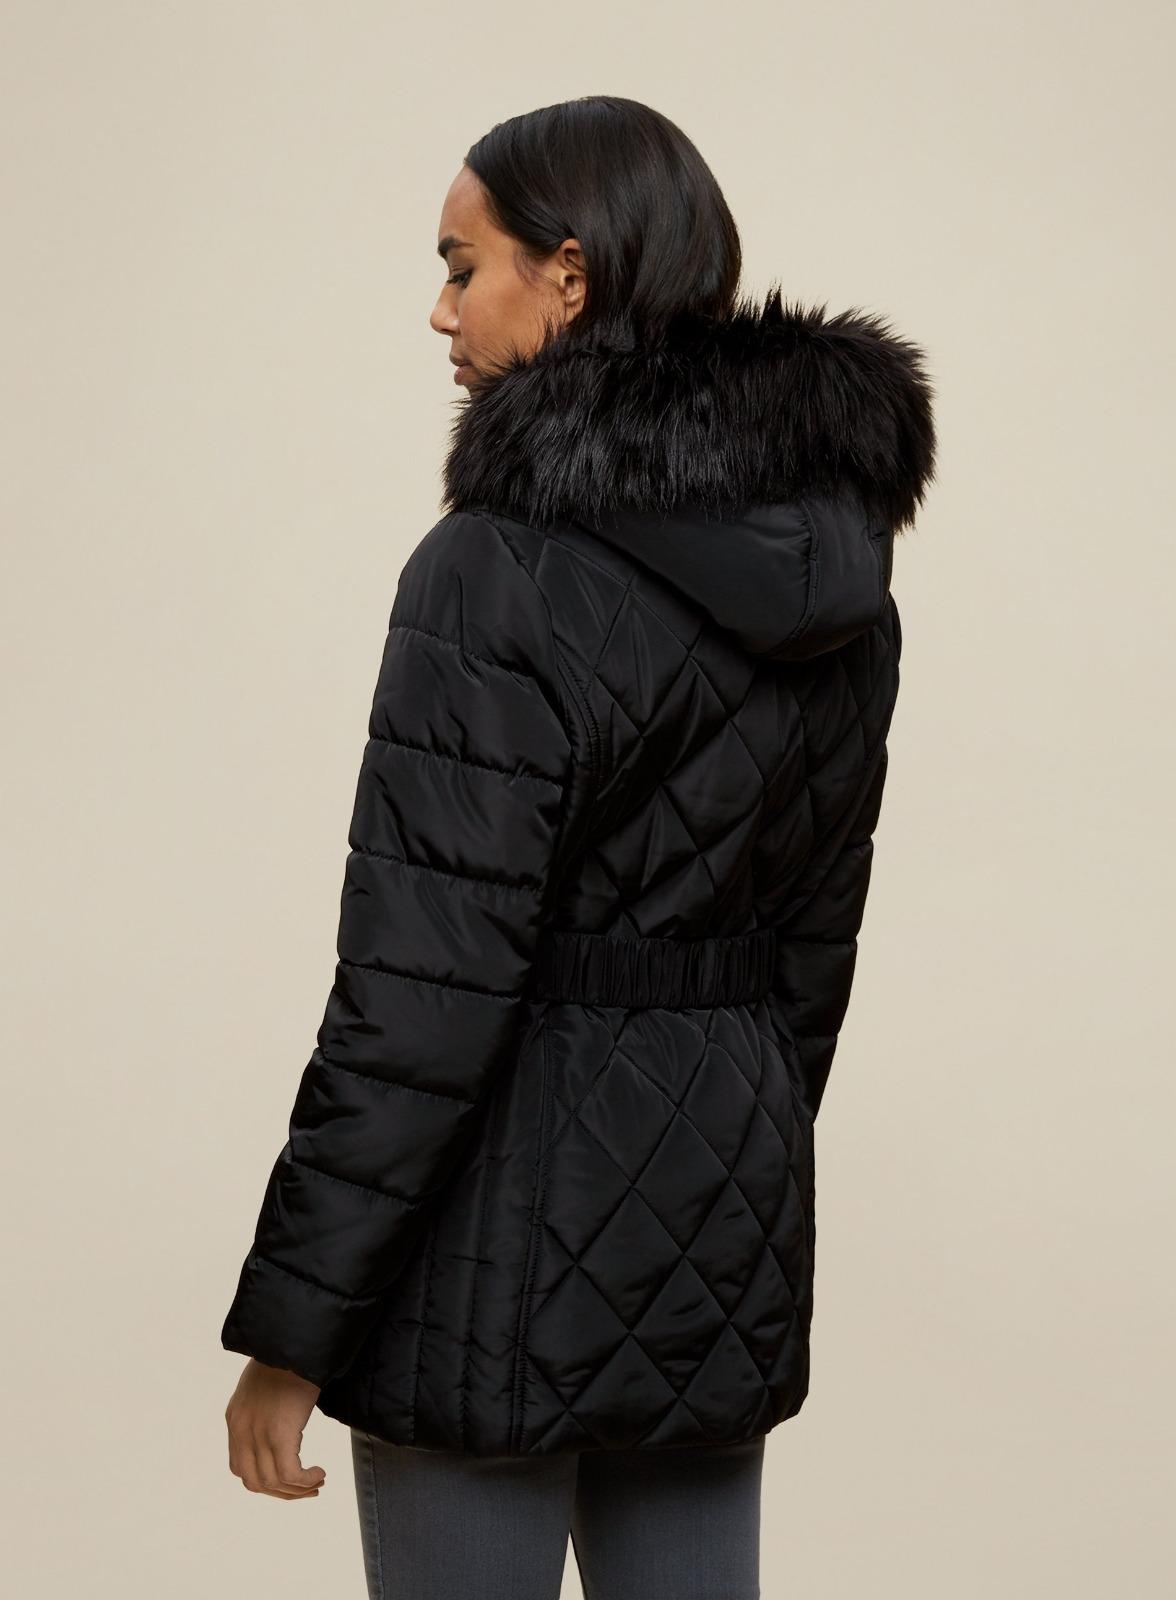 miniature 15 - DP Femme Noir Hiver Court Fourrure Veste Matelassée Manteau Taille 8 10 12 14 16 18